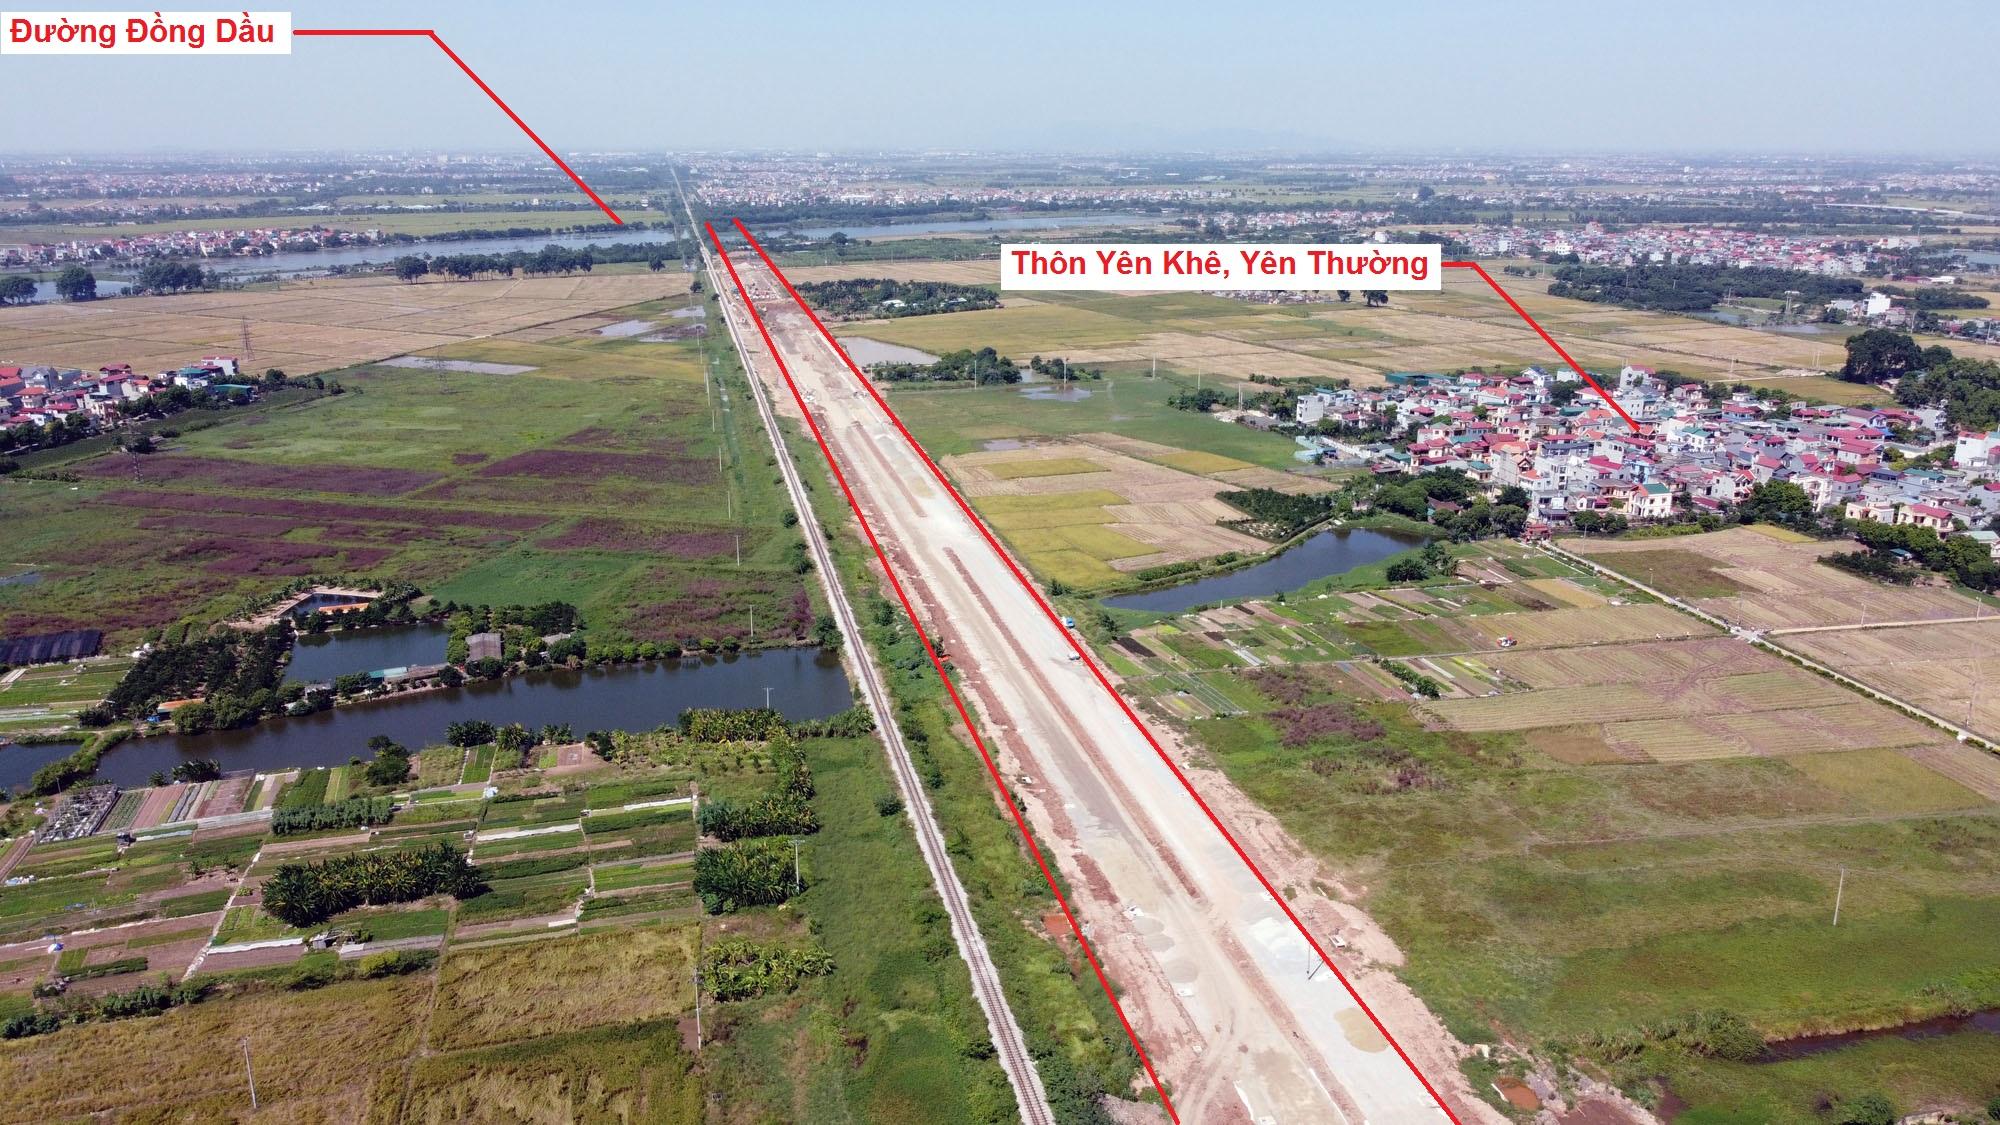 Ba đường sẽ mở theo quy hoạch ở xã Yên Thường, Gia Lâm, Hà Nội - Ảnh 3.